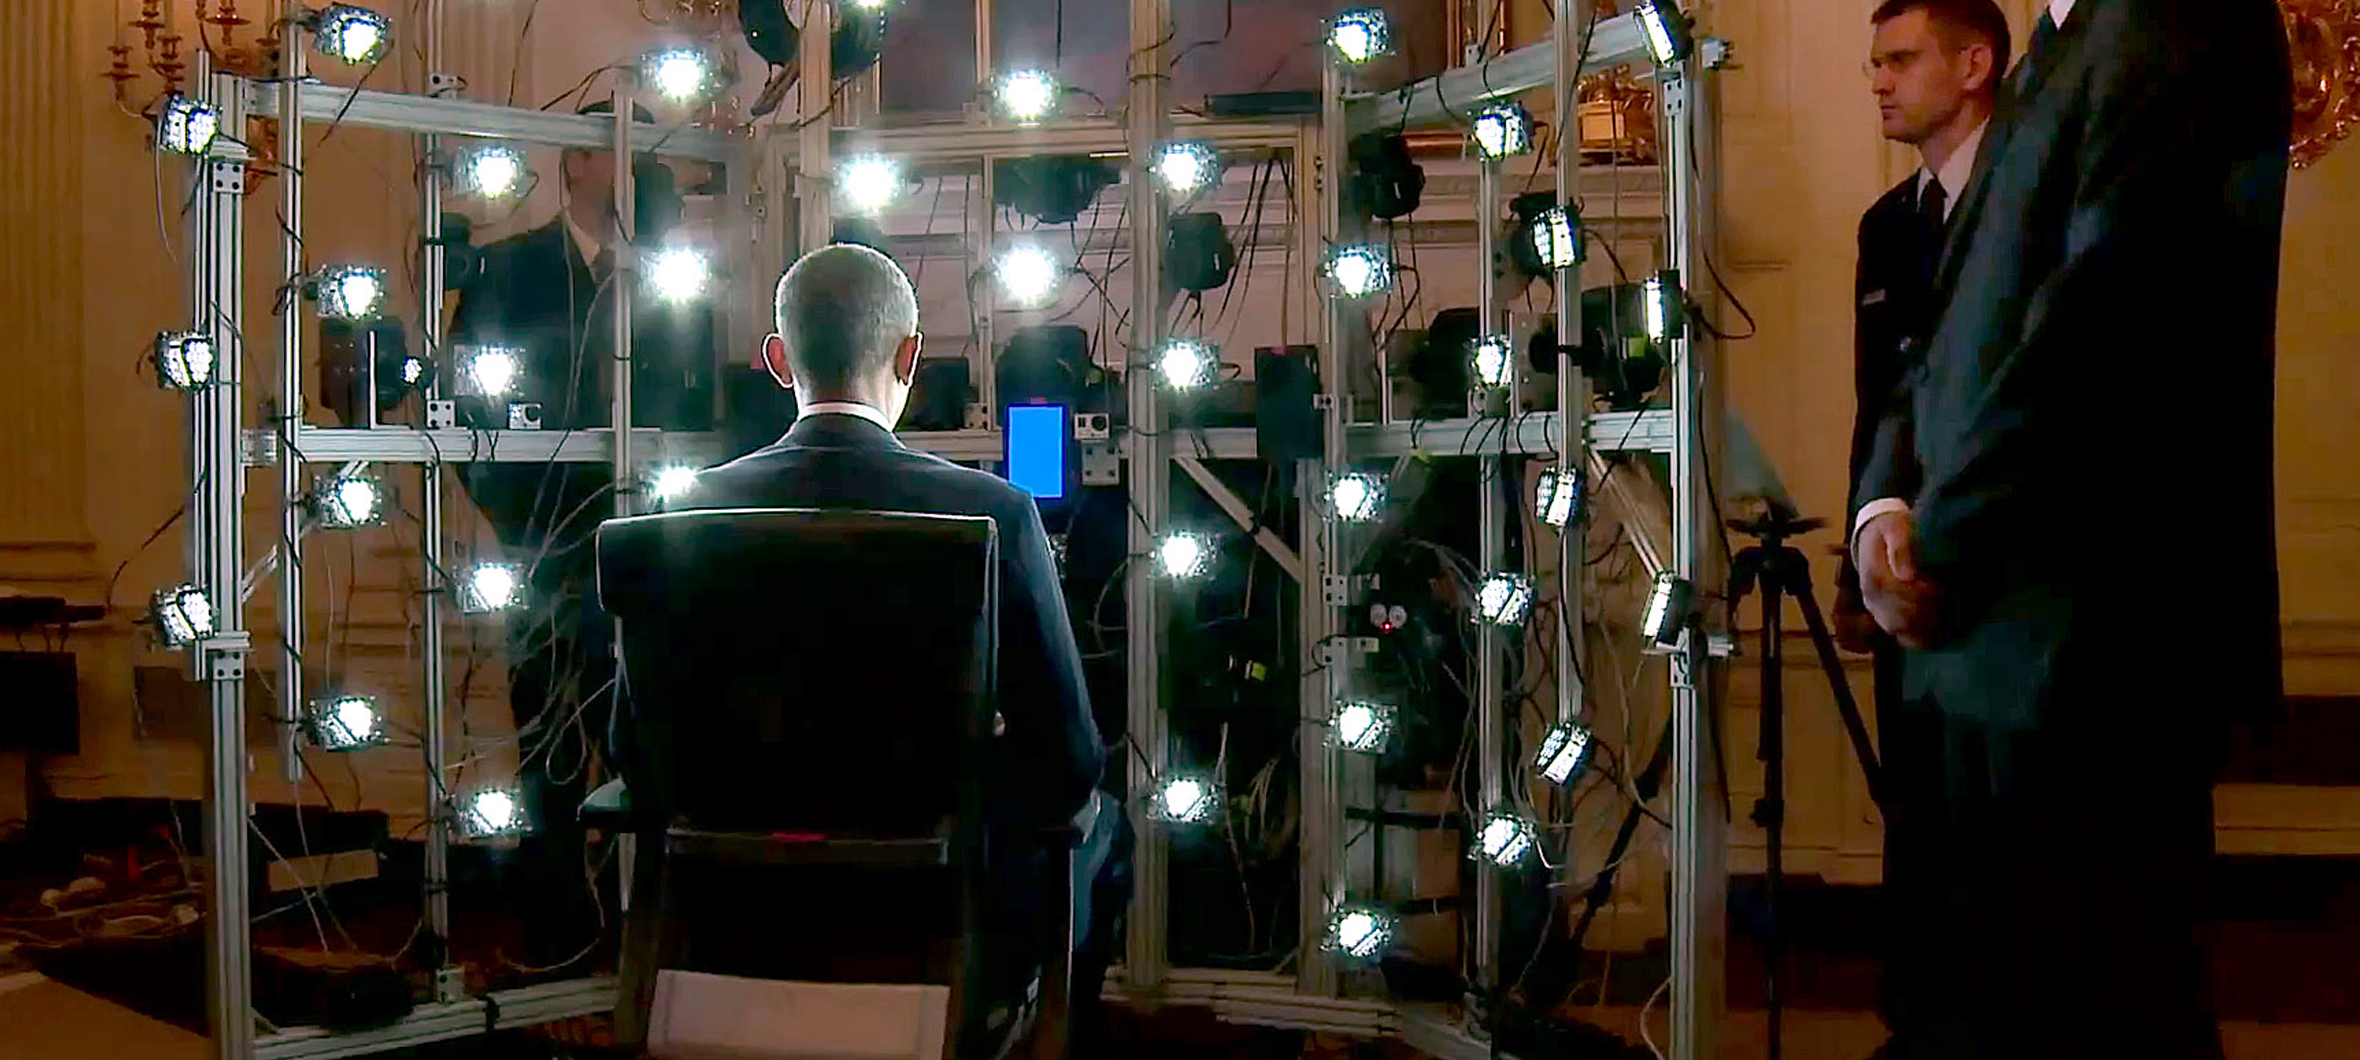 president-obama-3d-portrait.jpg